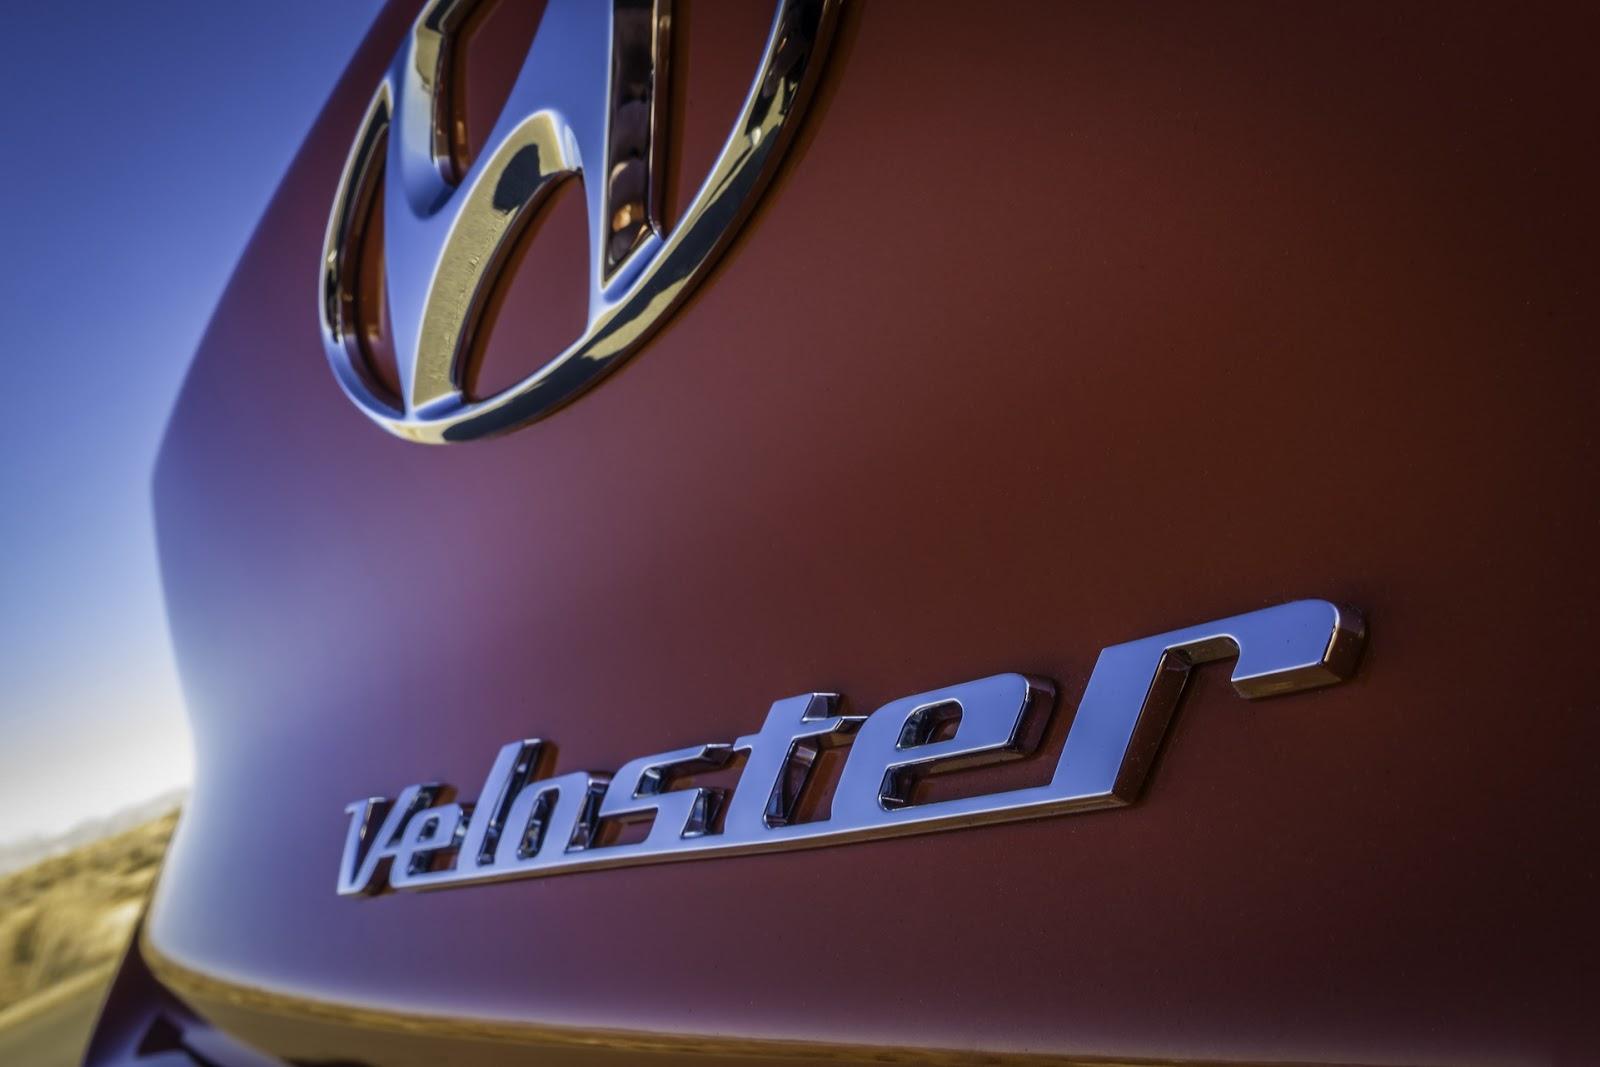 2019-Hyundai-Veloster-30